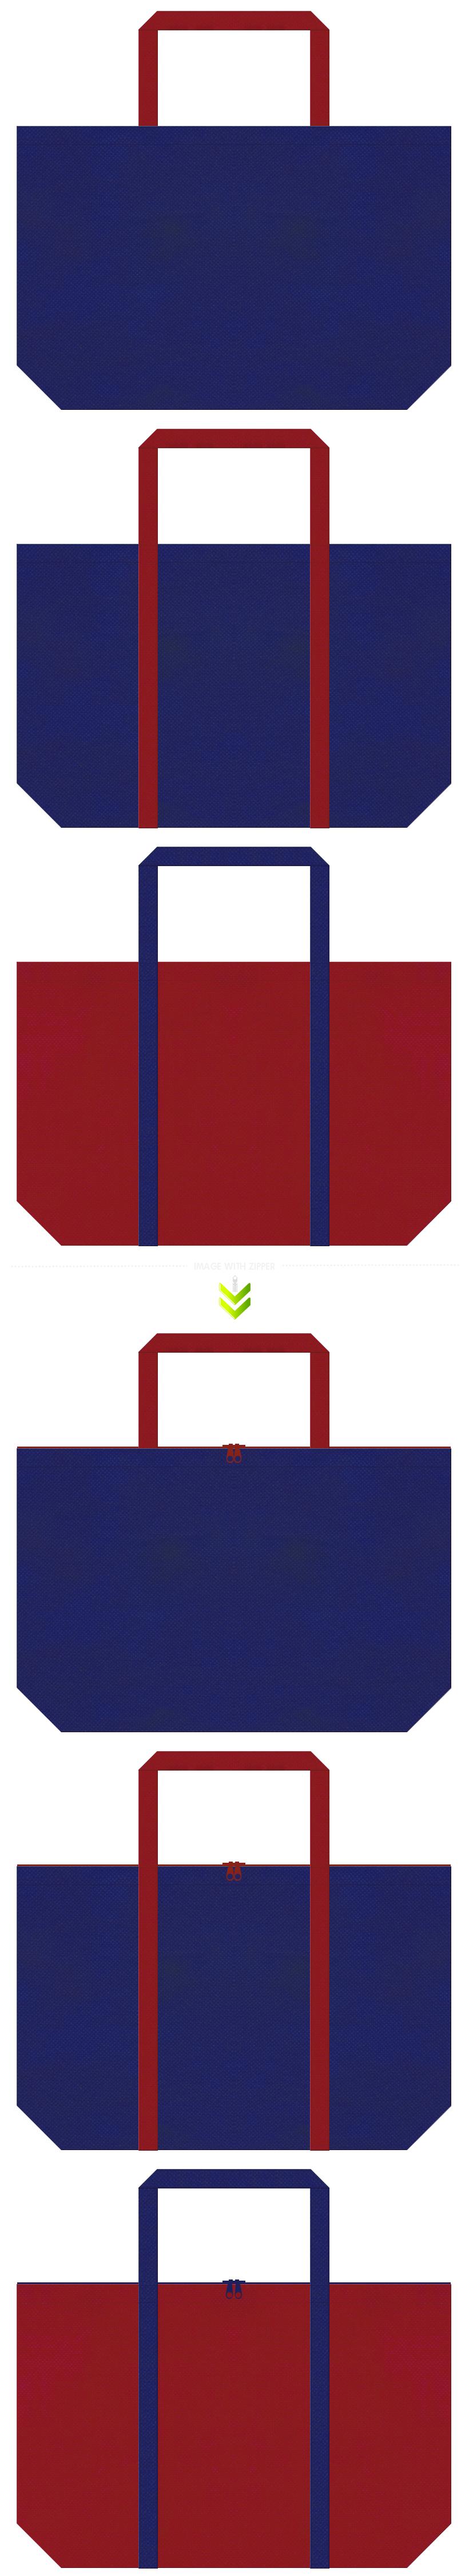 明るい紺色とエンジ色の不織布ショッピングバッグのデザイン